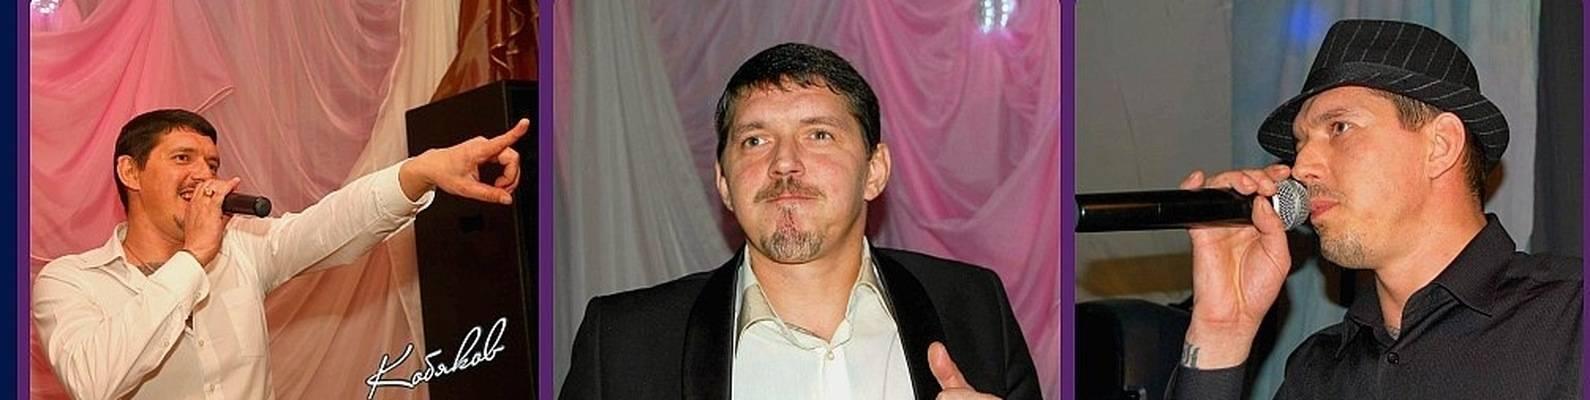 Сми подтверждено что аркадий кобяков жив. биография аркадия кобякова, сколько лет, личная жизнь, фото, песни